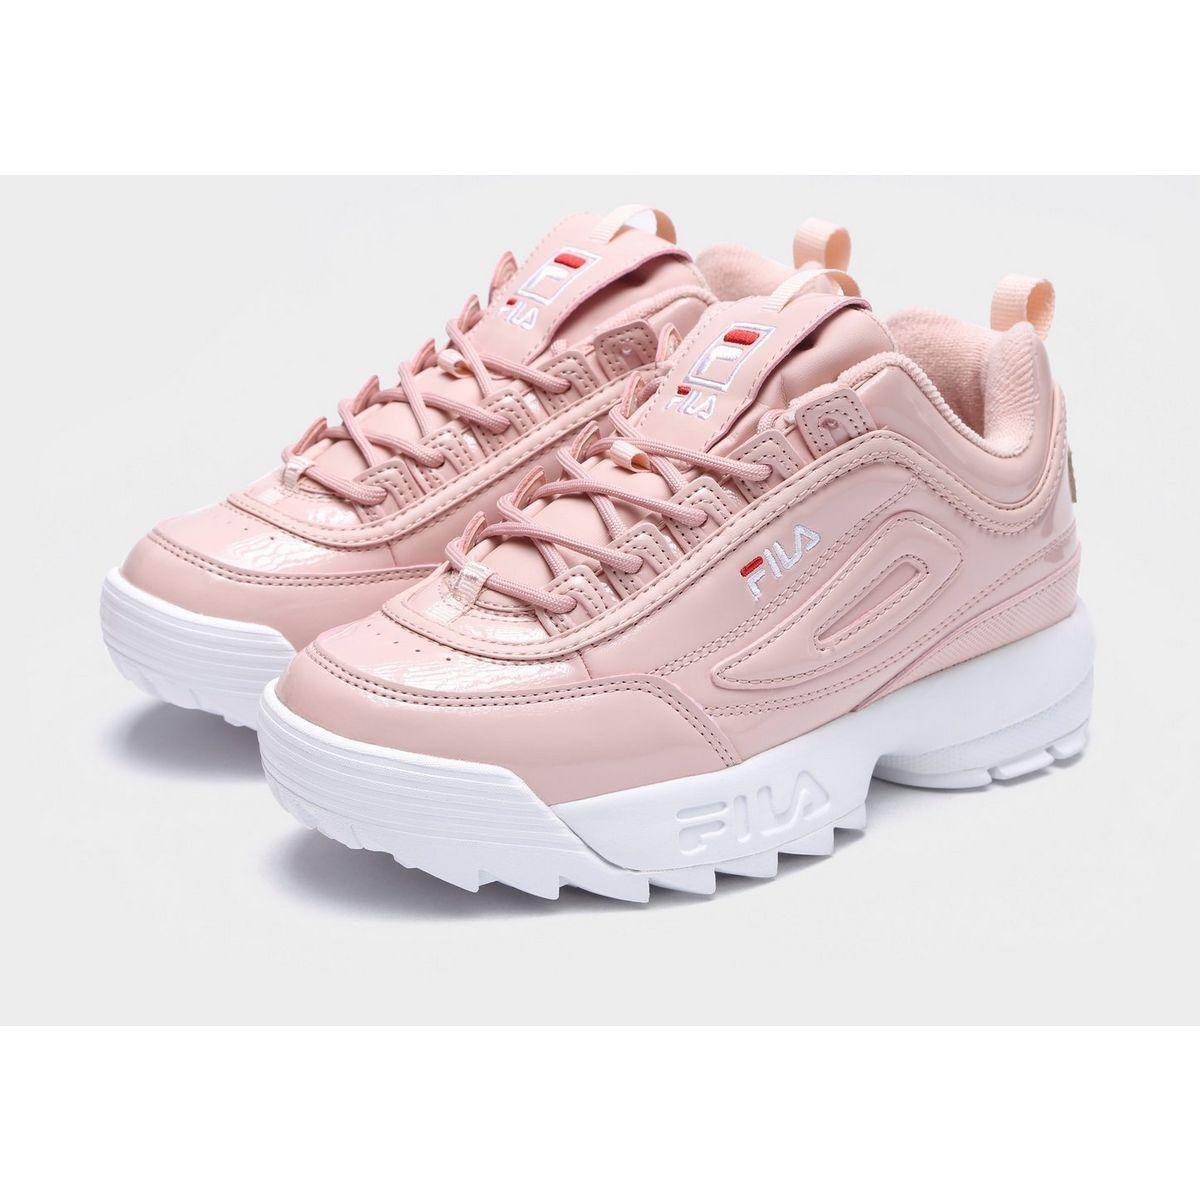 envío complementario Venta de descuento 2019 comprar oficial Fila Disruptor II para mujer | Zapatos en 2019 | Zapatos ...